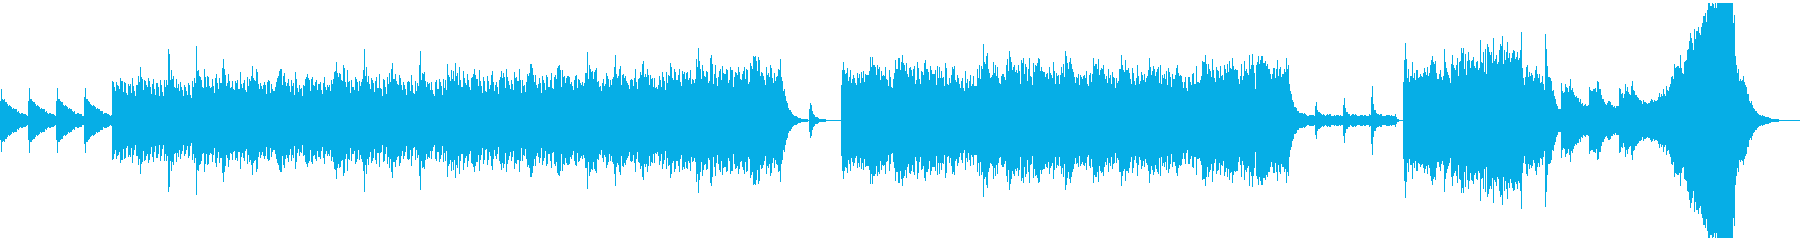 息を呑む程の恐怖を感じた時の曲の再生済みの波形